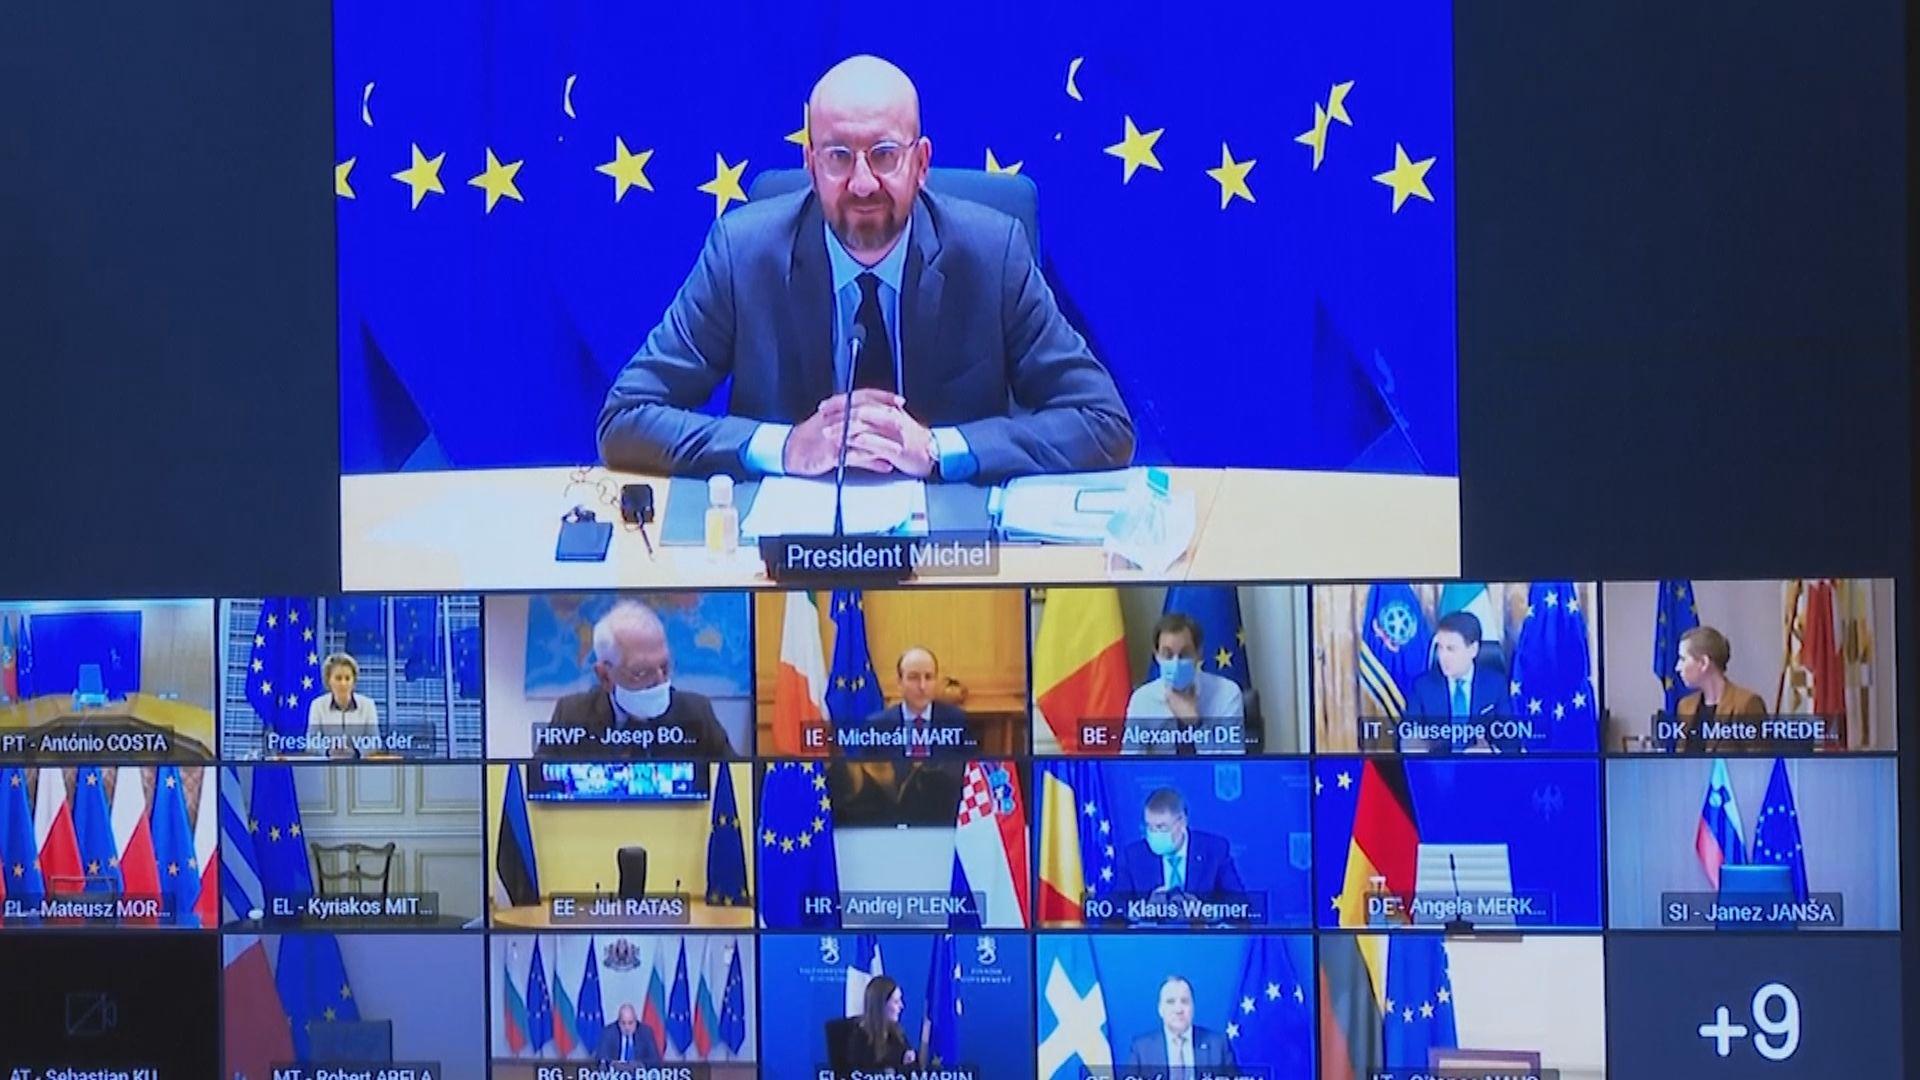 【疫情嚴峻】歐盟同意保持邊境開放但採更多措施防疫